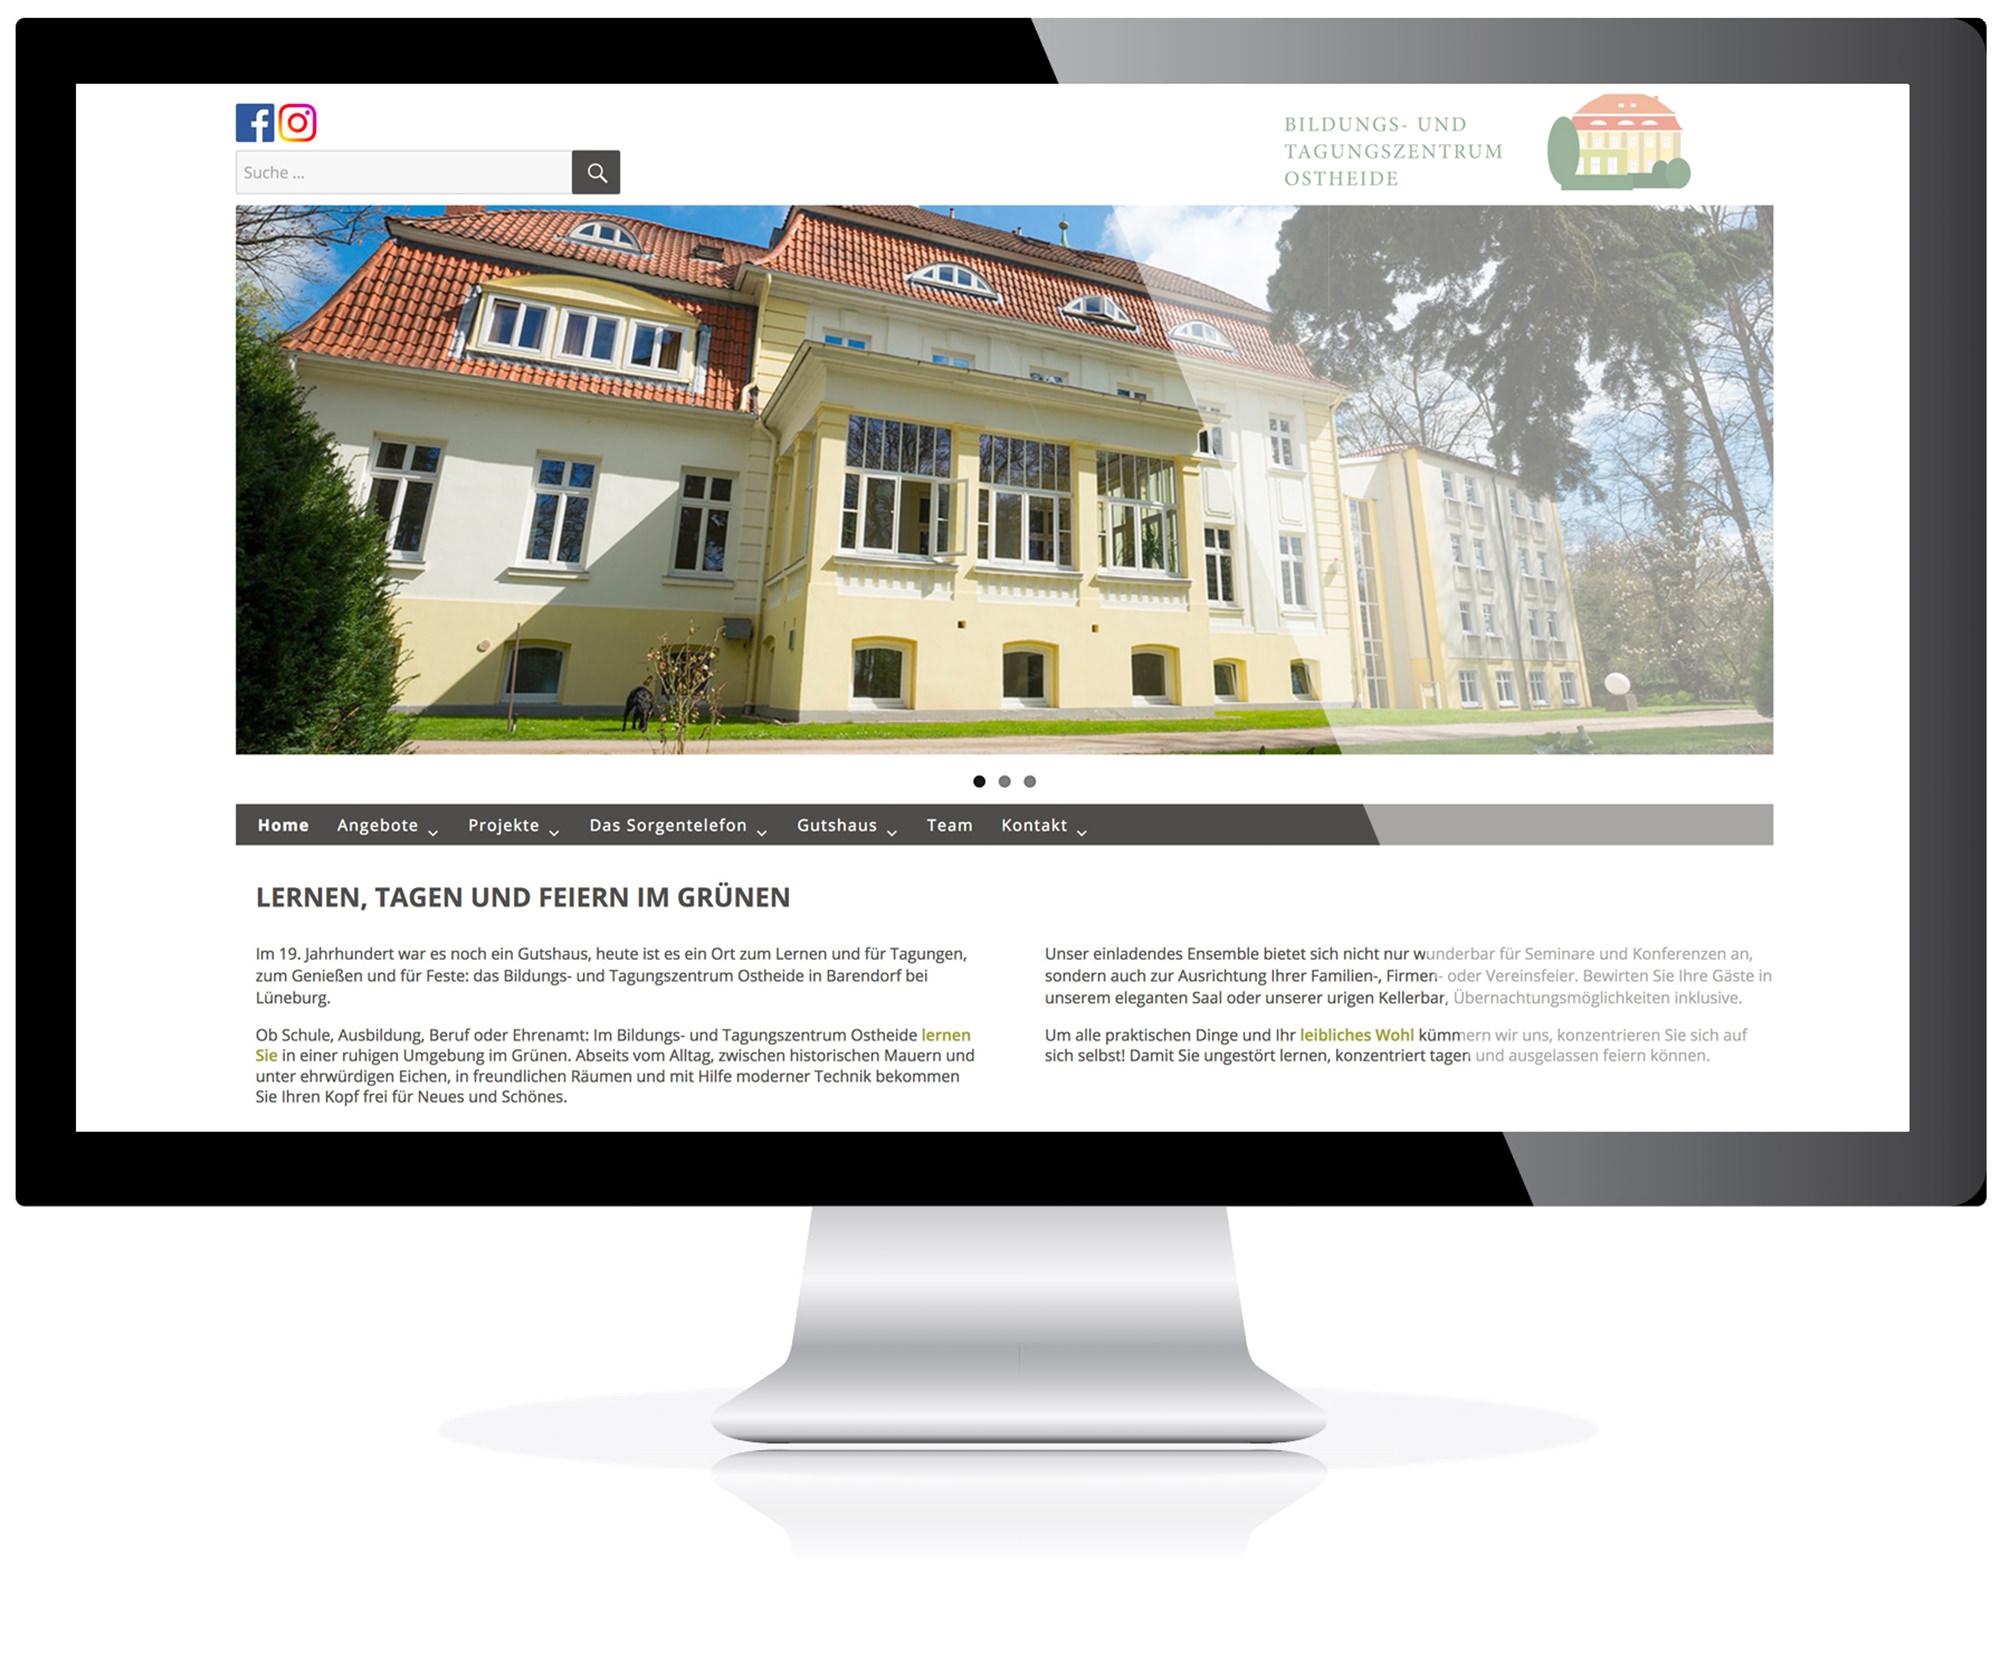 Website für das Bildungs- und Tagungszentrum in Barendorf